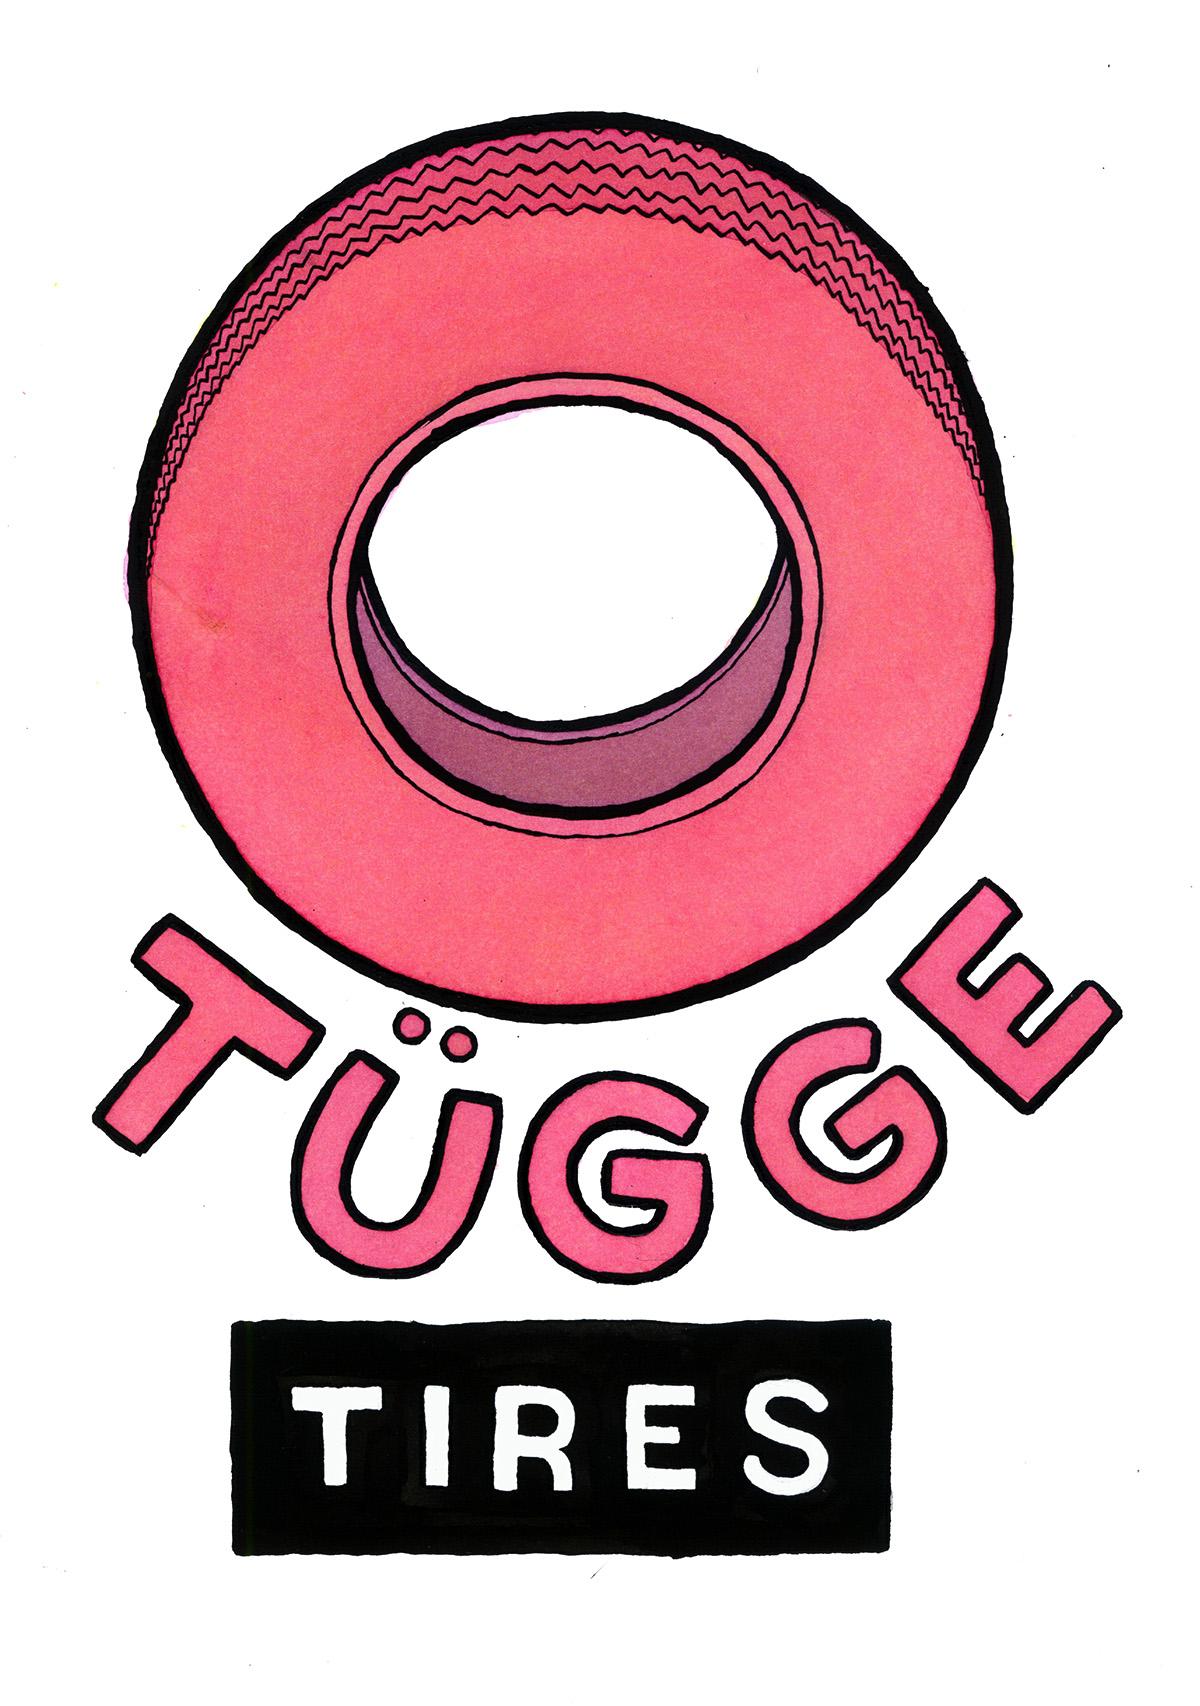 TuggeTires-web.jpg